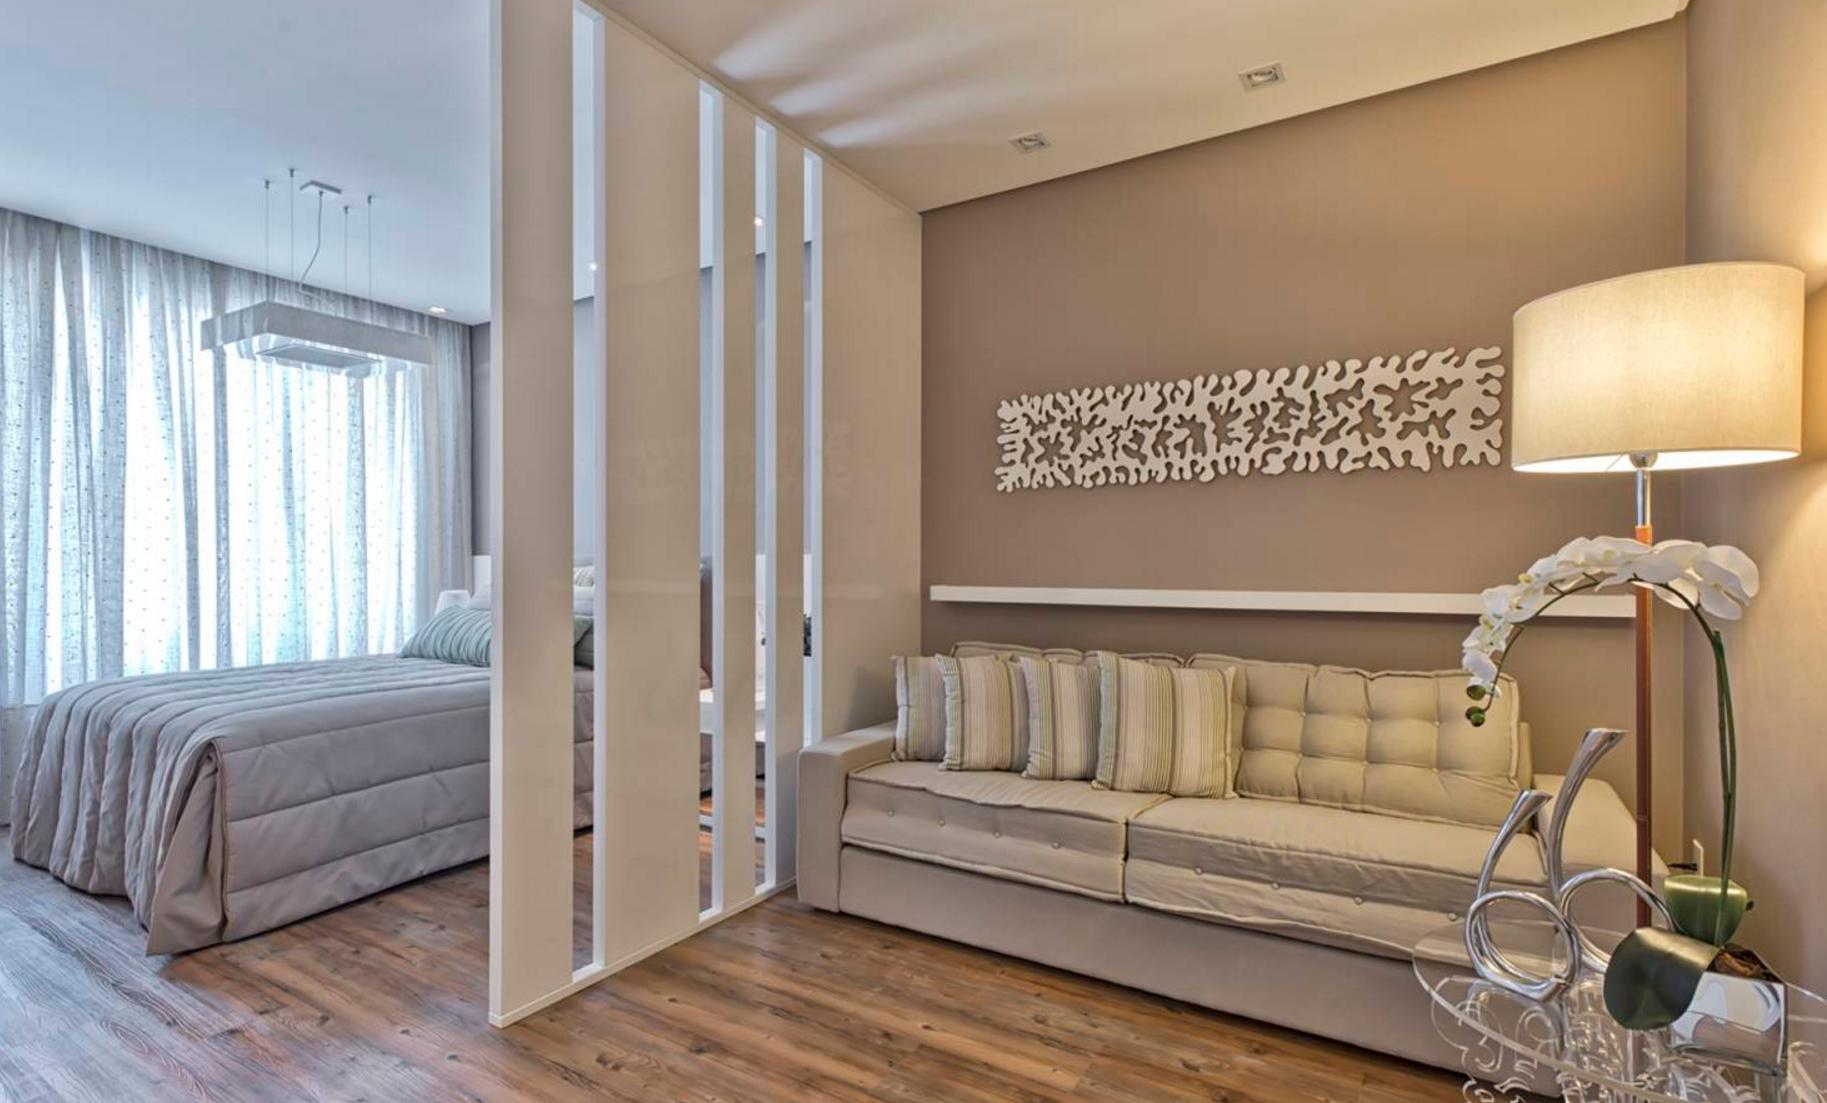 Ширма для комнаты (90 фото): виды, красивые идеи для интерьеров